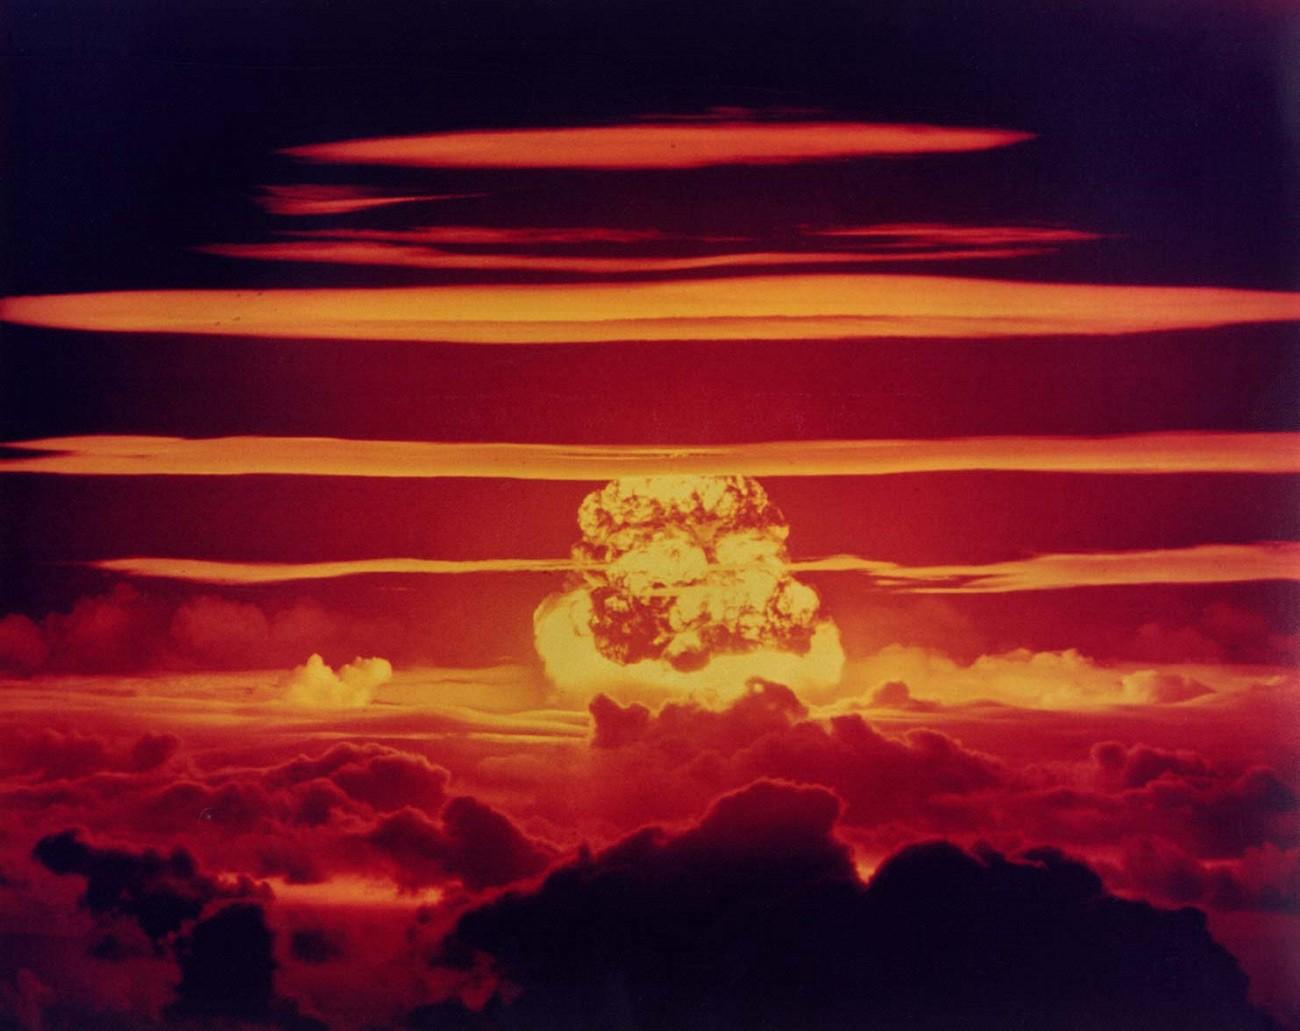 Hitler nükleer silah geliştirebilseydi ne olurdu?